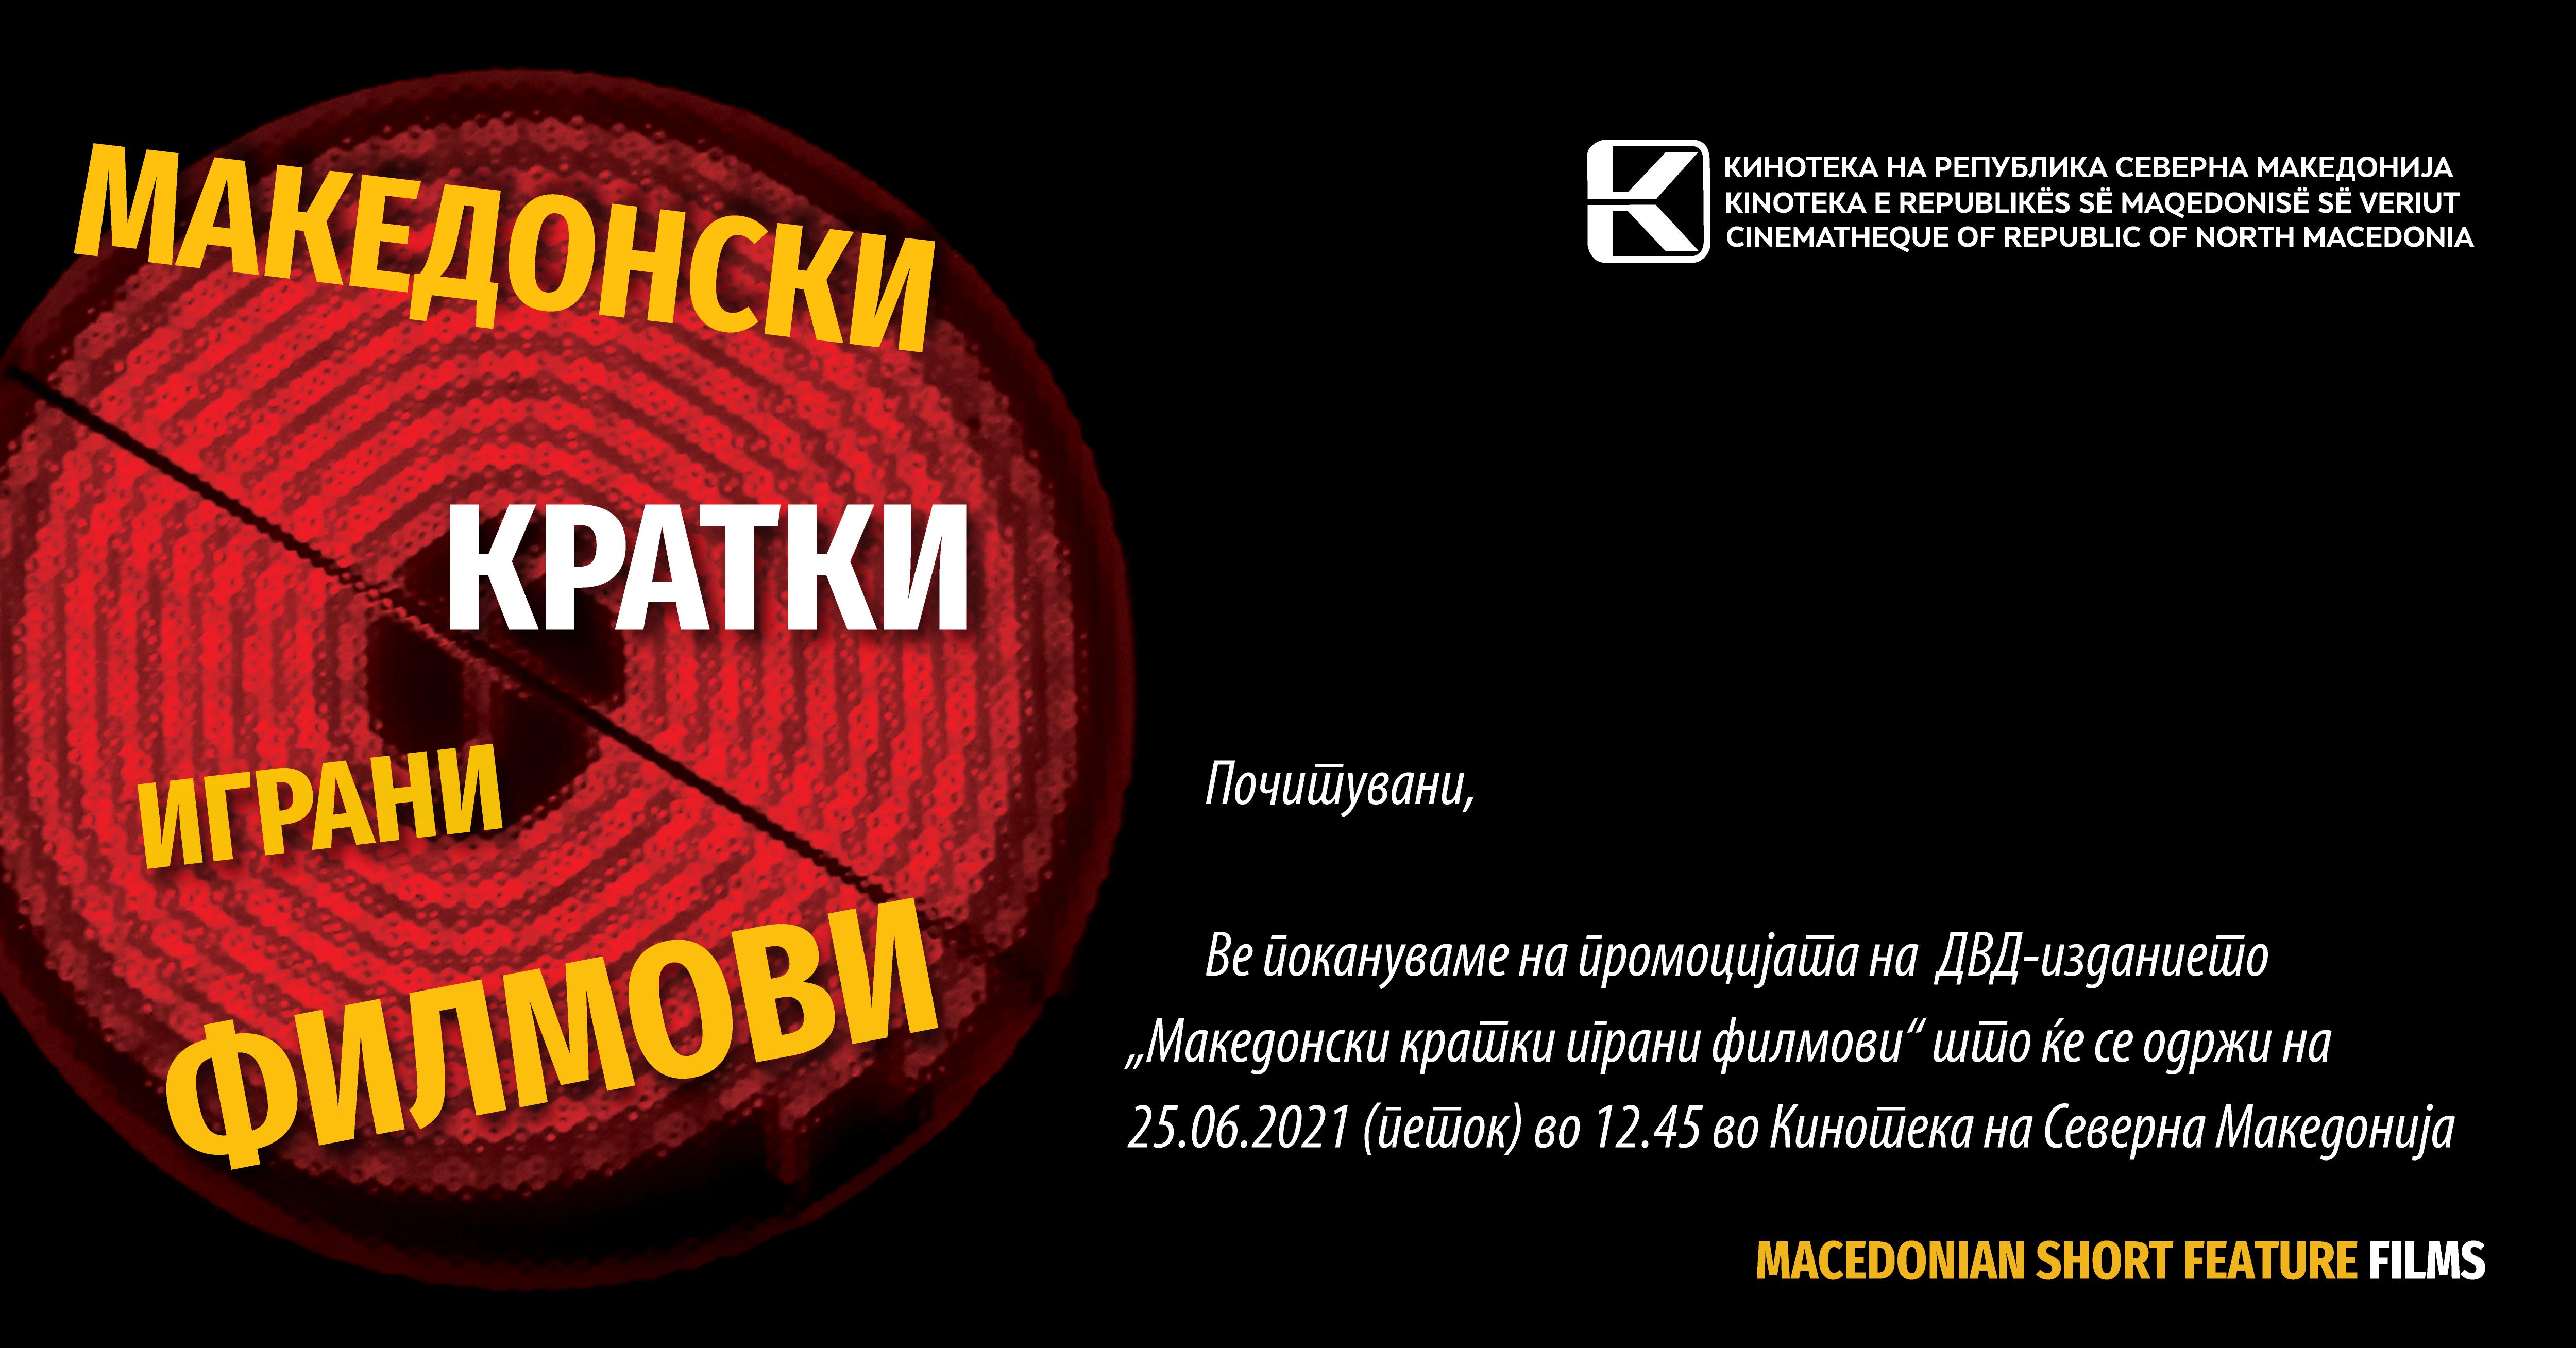 """Промоција на двд-изданието """"Македонски кратки играни филмови"""" во Кинотека"""